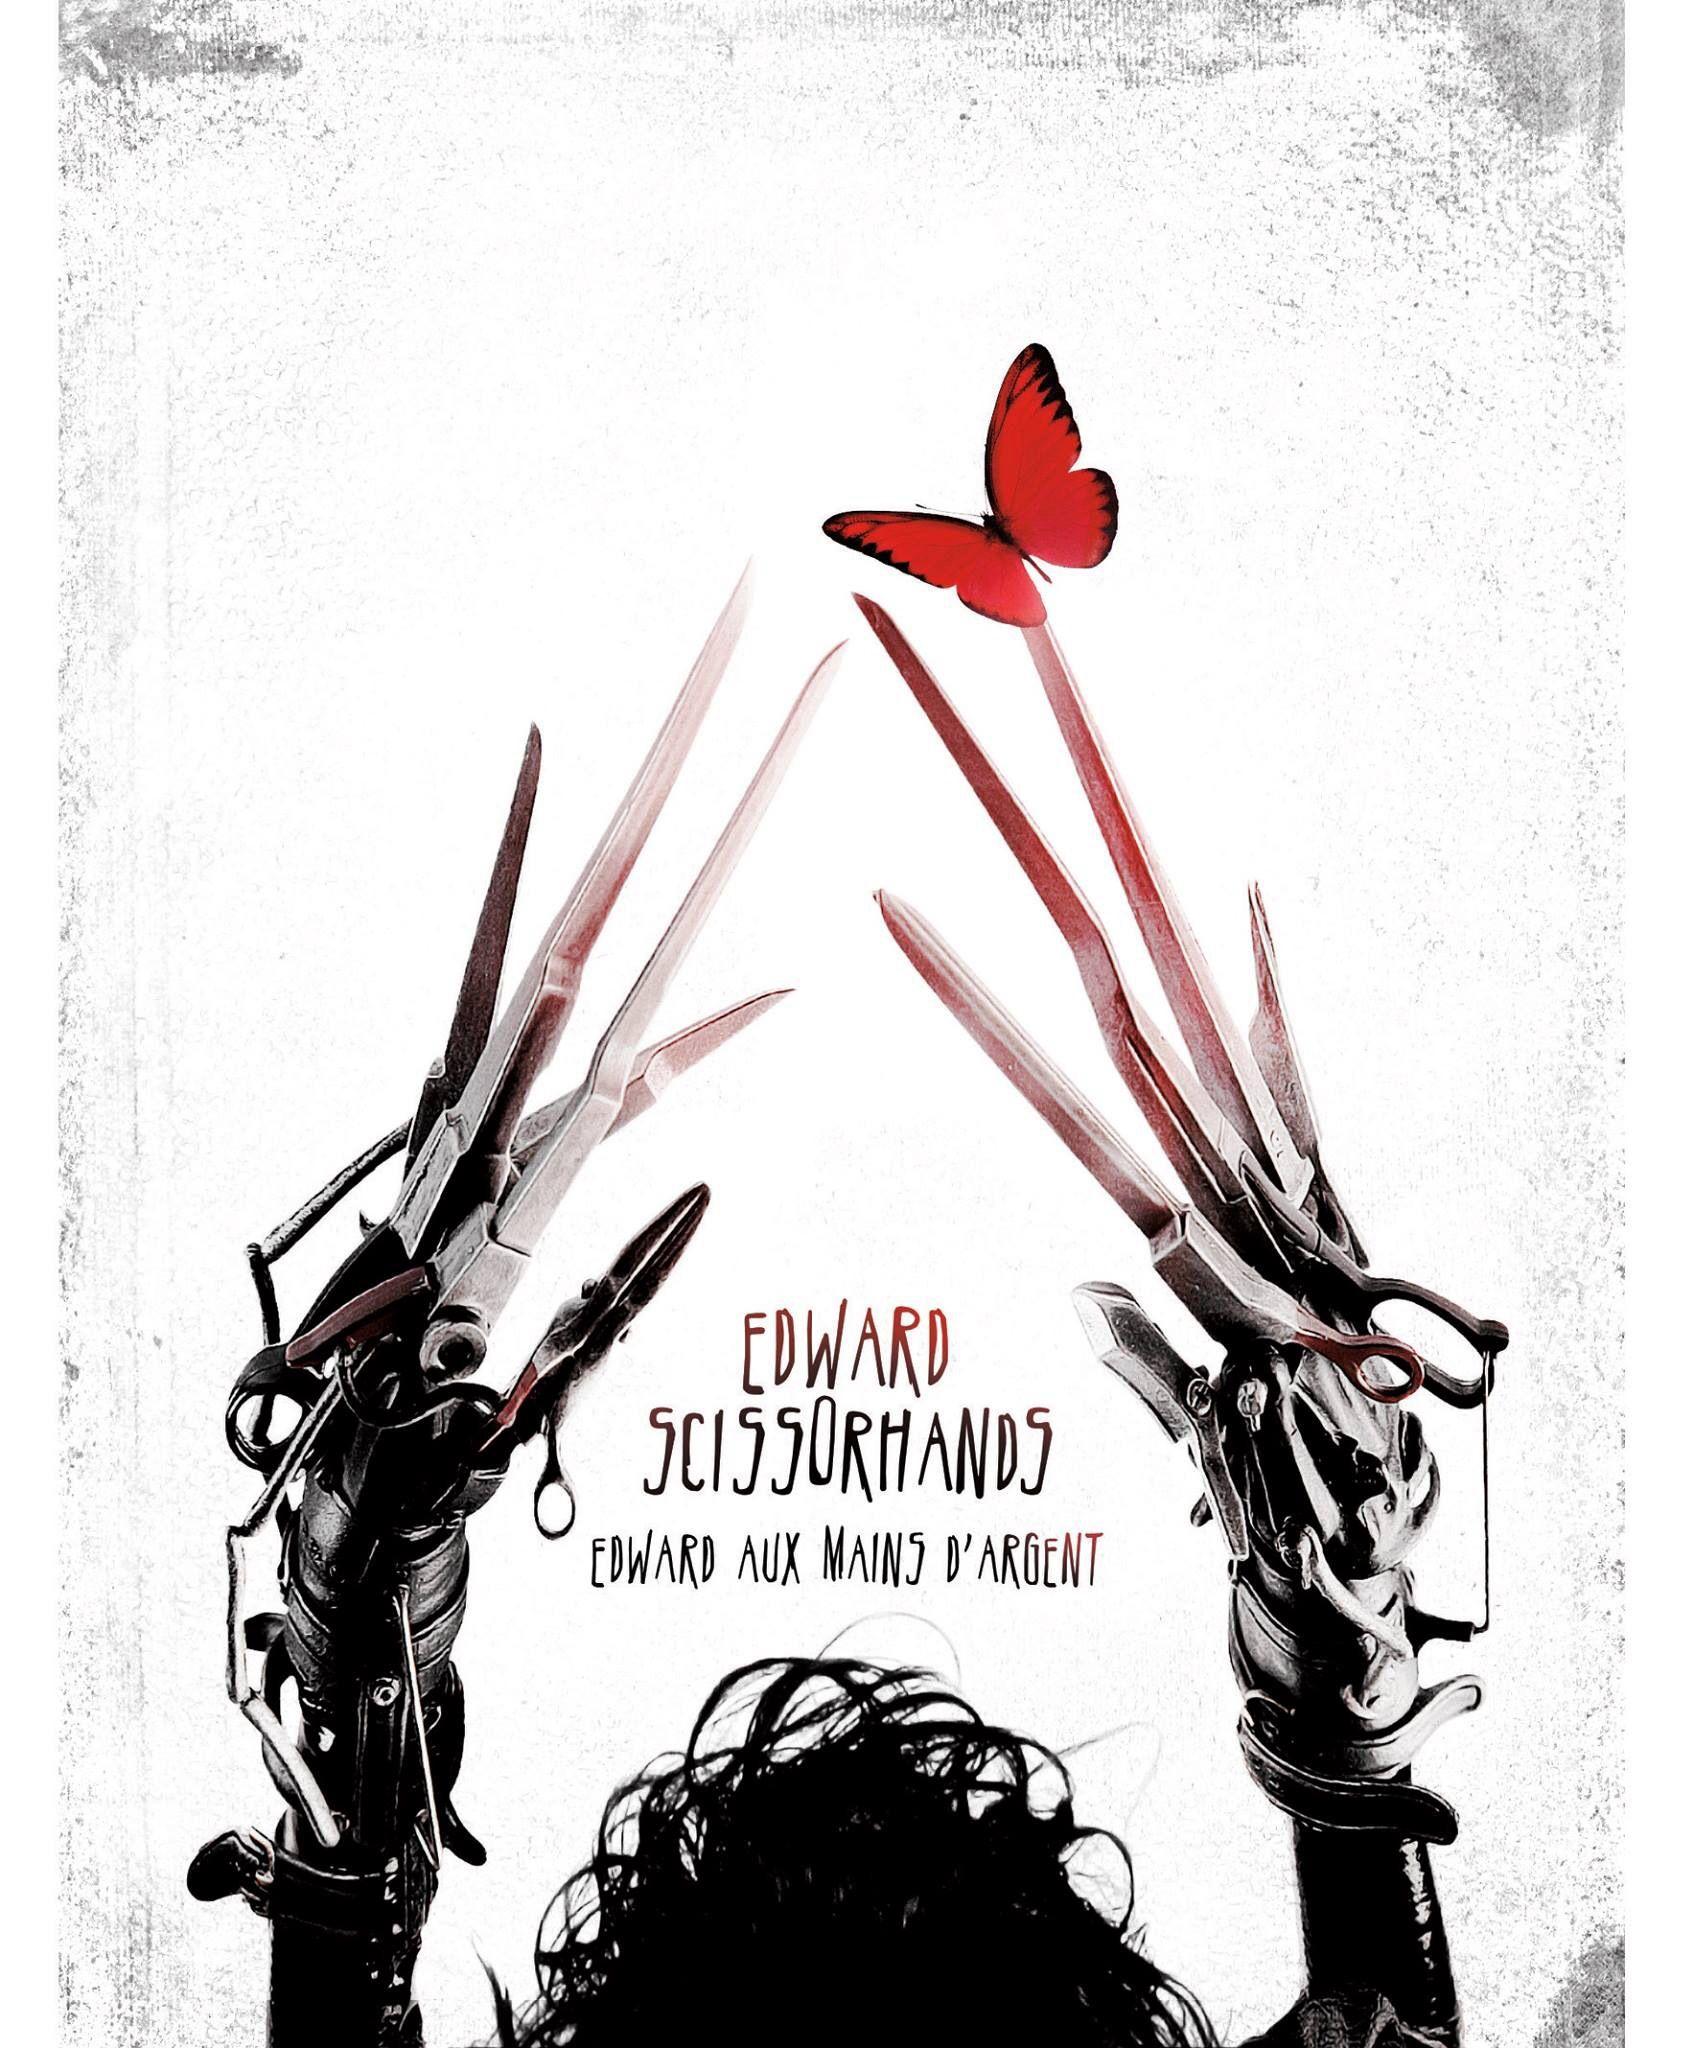 Edward Scissorhands Poster Edward Scissorhands Movie Edward